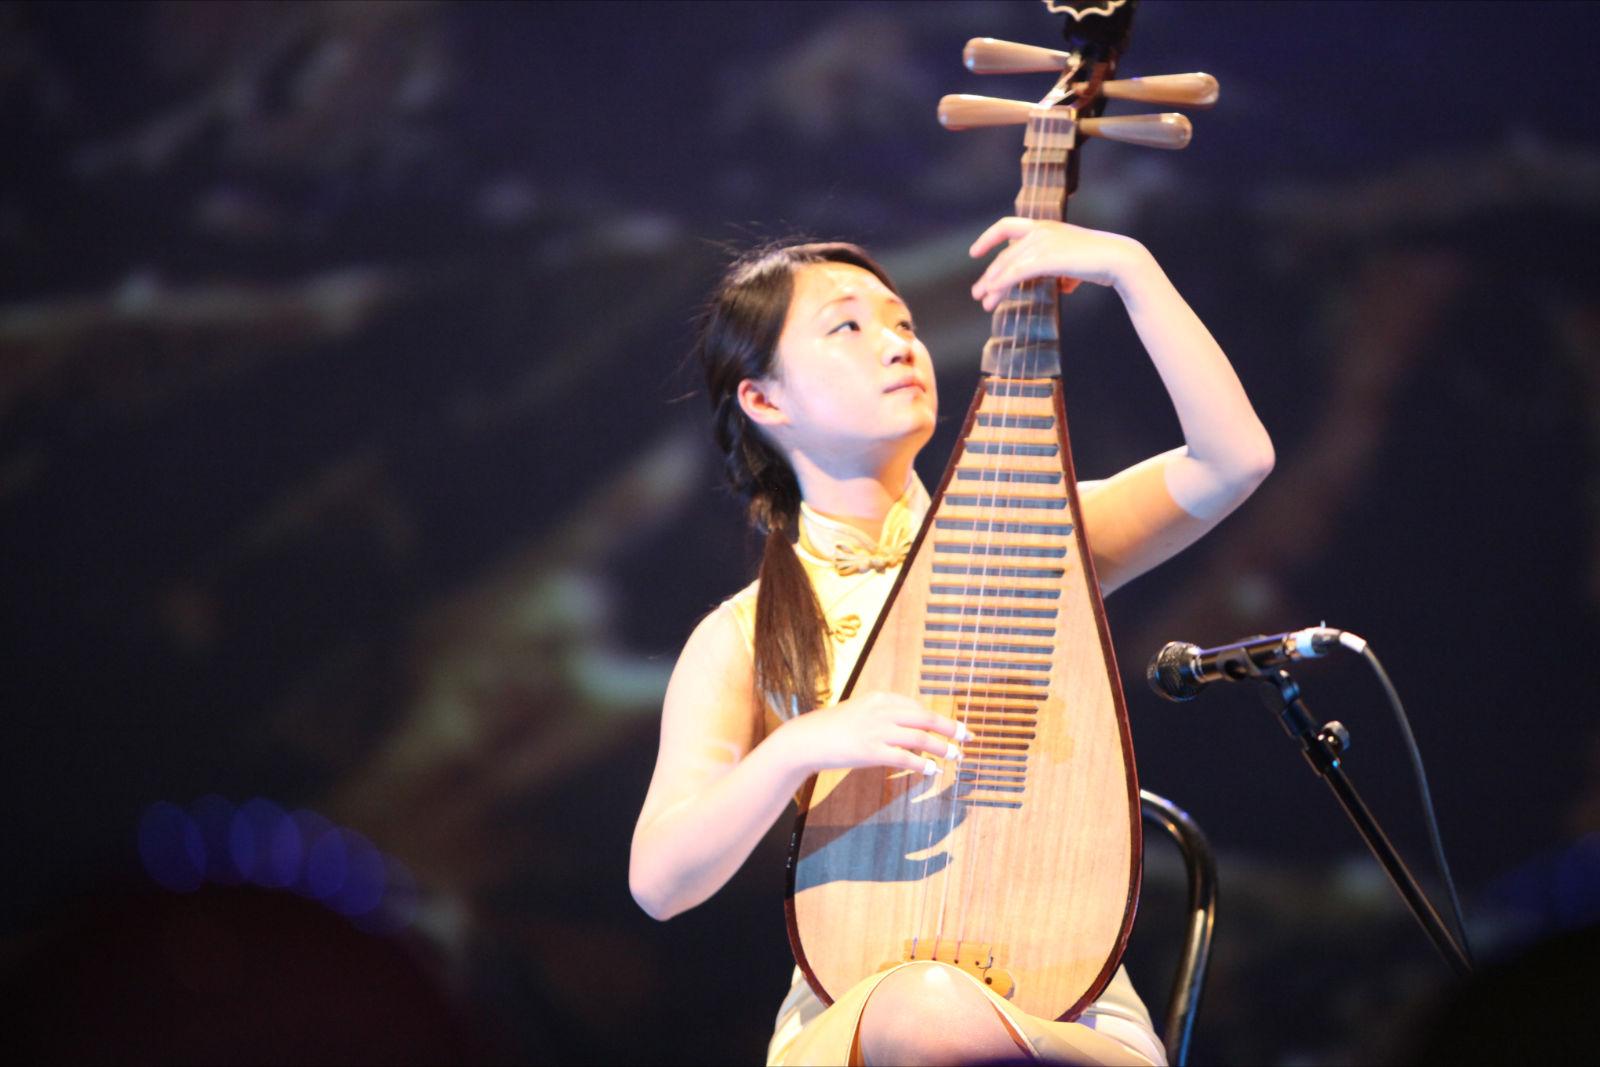 钢琴,长笛《我心永恒》:张晓煜 老猫